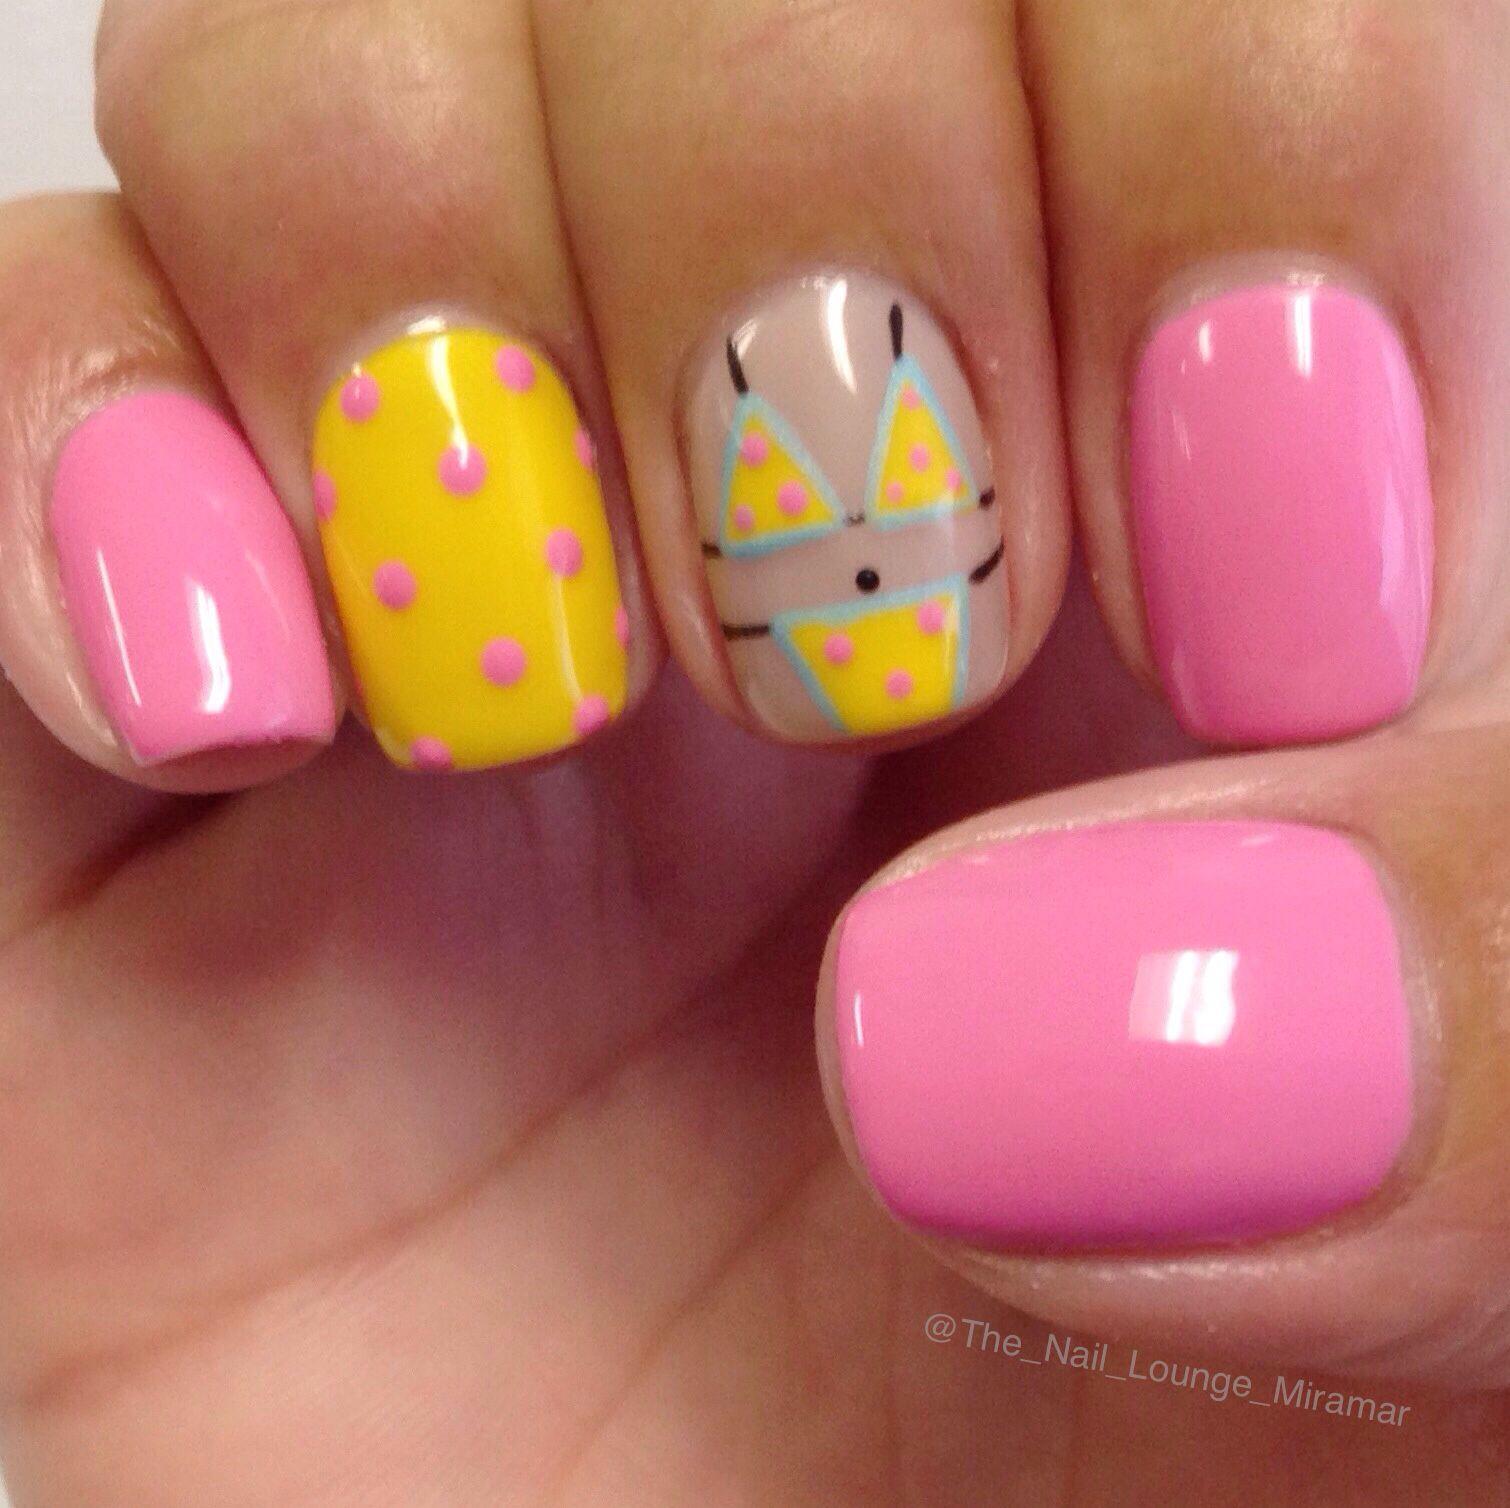 Yellow polka dot bikini nail art design